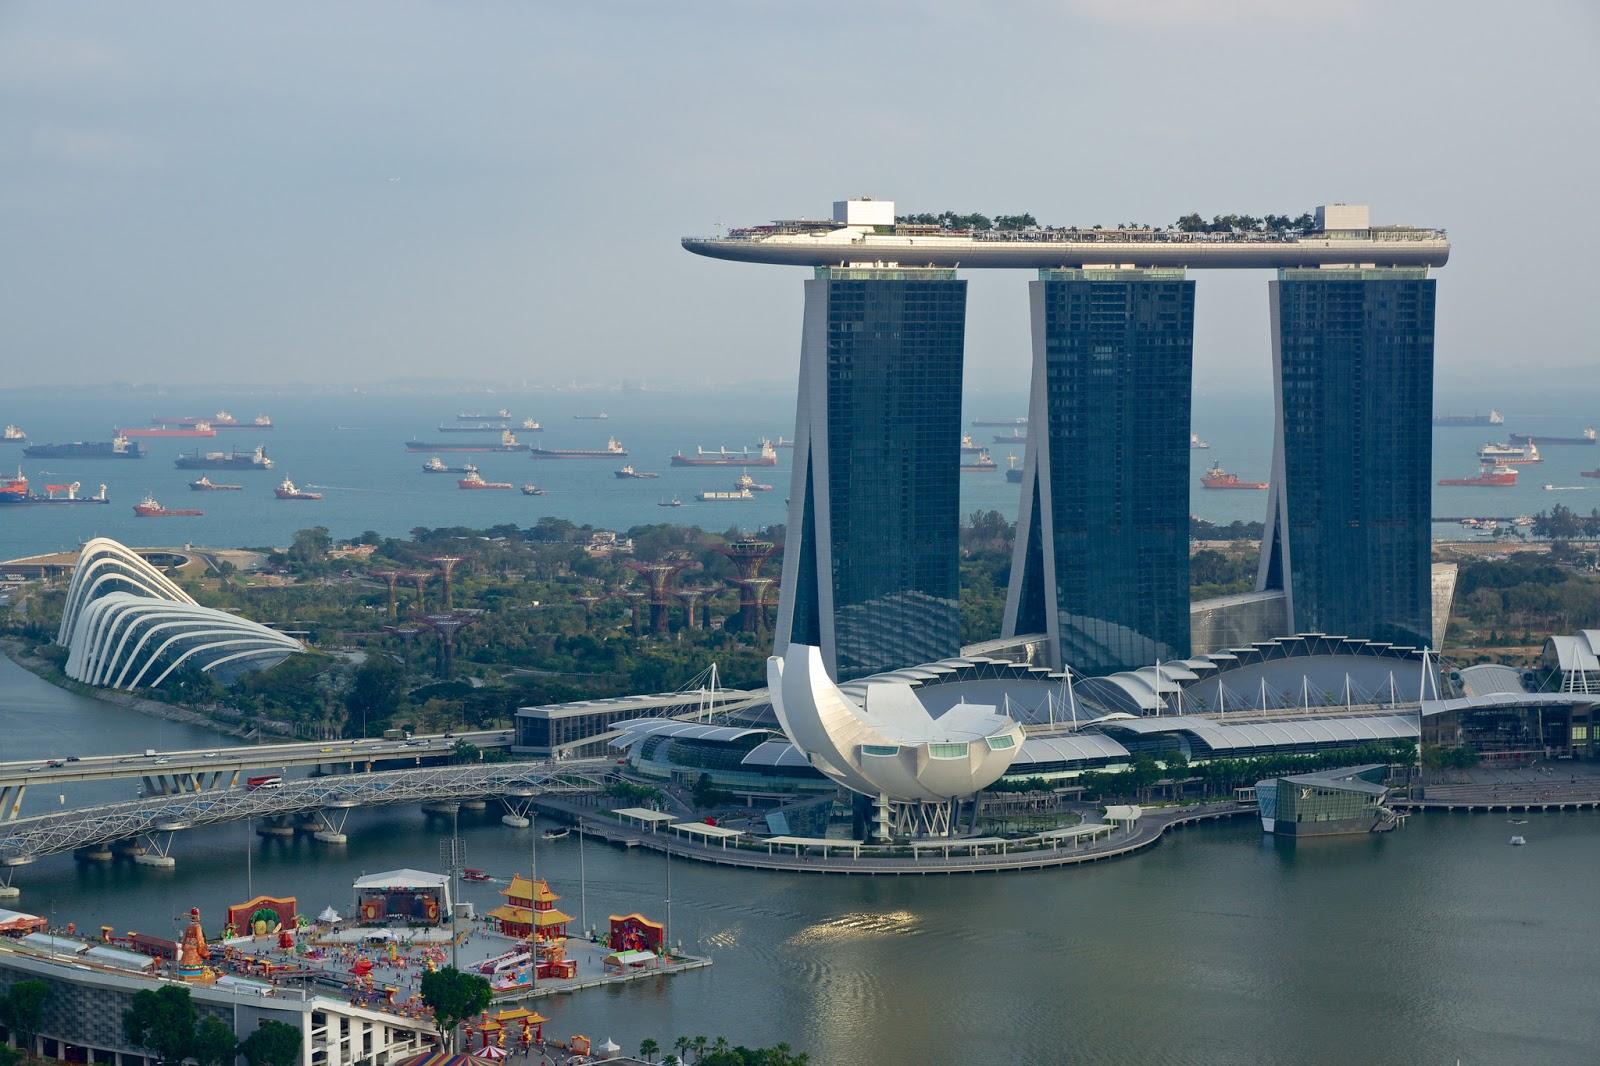 La piscina más alta del mundo. La piscina infinita más grande y más alta del mundo. Hotel The Sand Skypark, o Marina Bay Sands, ubicado en Singapur